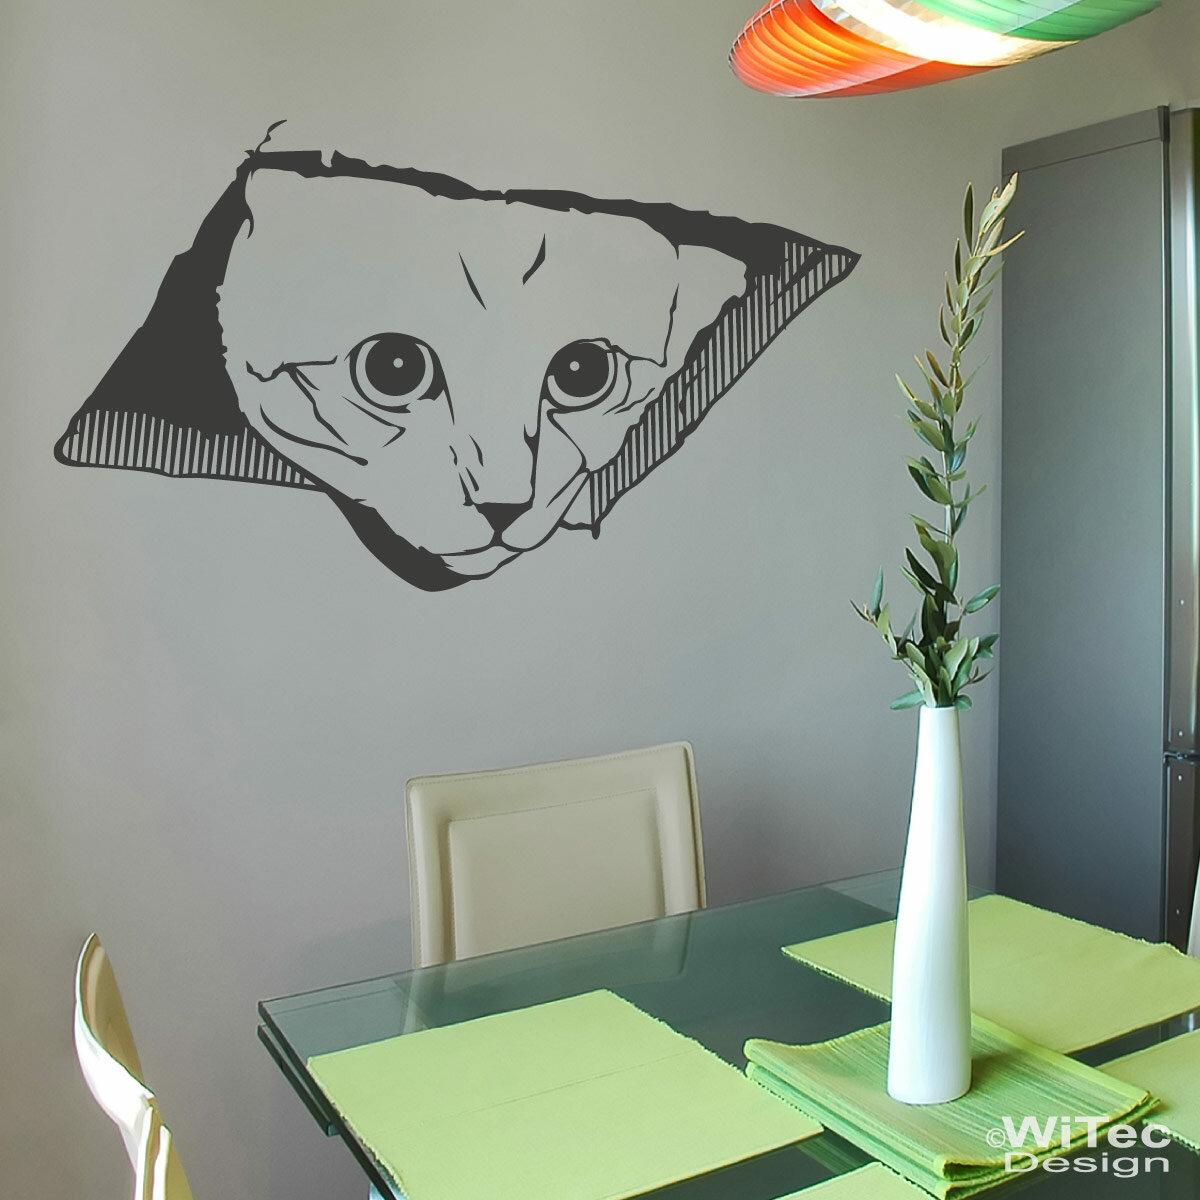 pin hello kitty gun sticker zimbio on pinterest. Black Bedroom Furniture Sets. Home Design Ideas